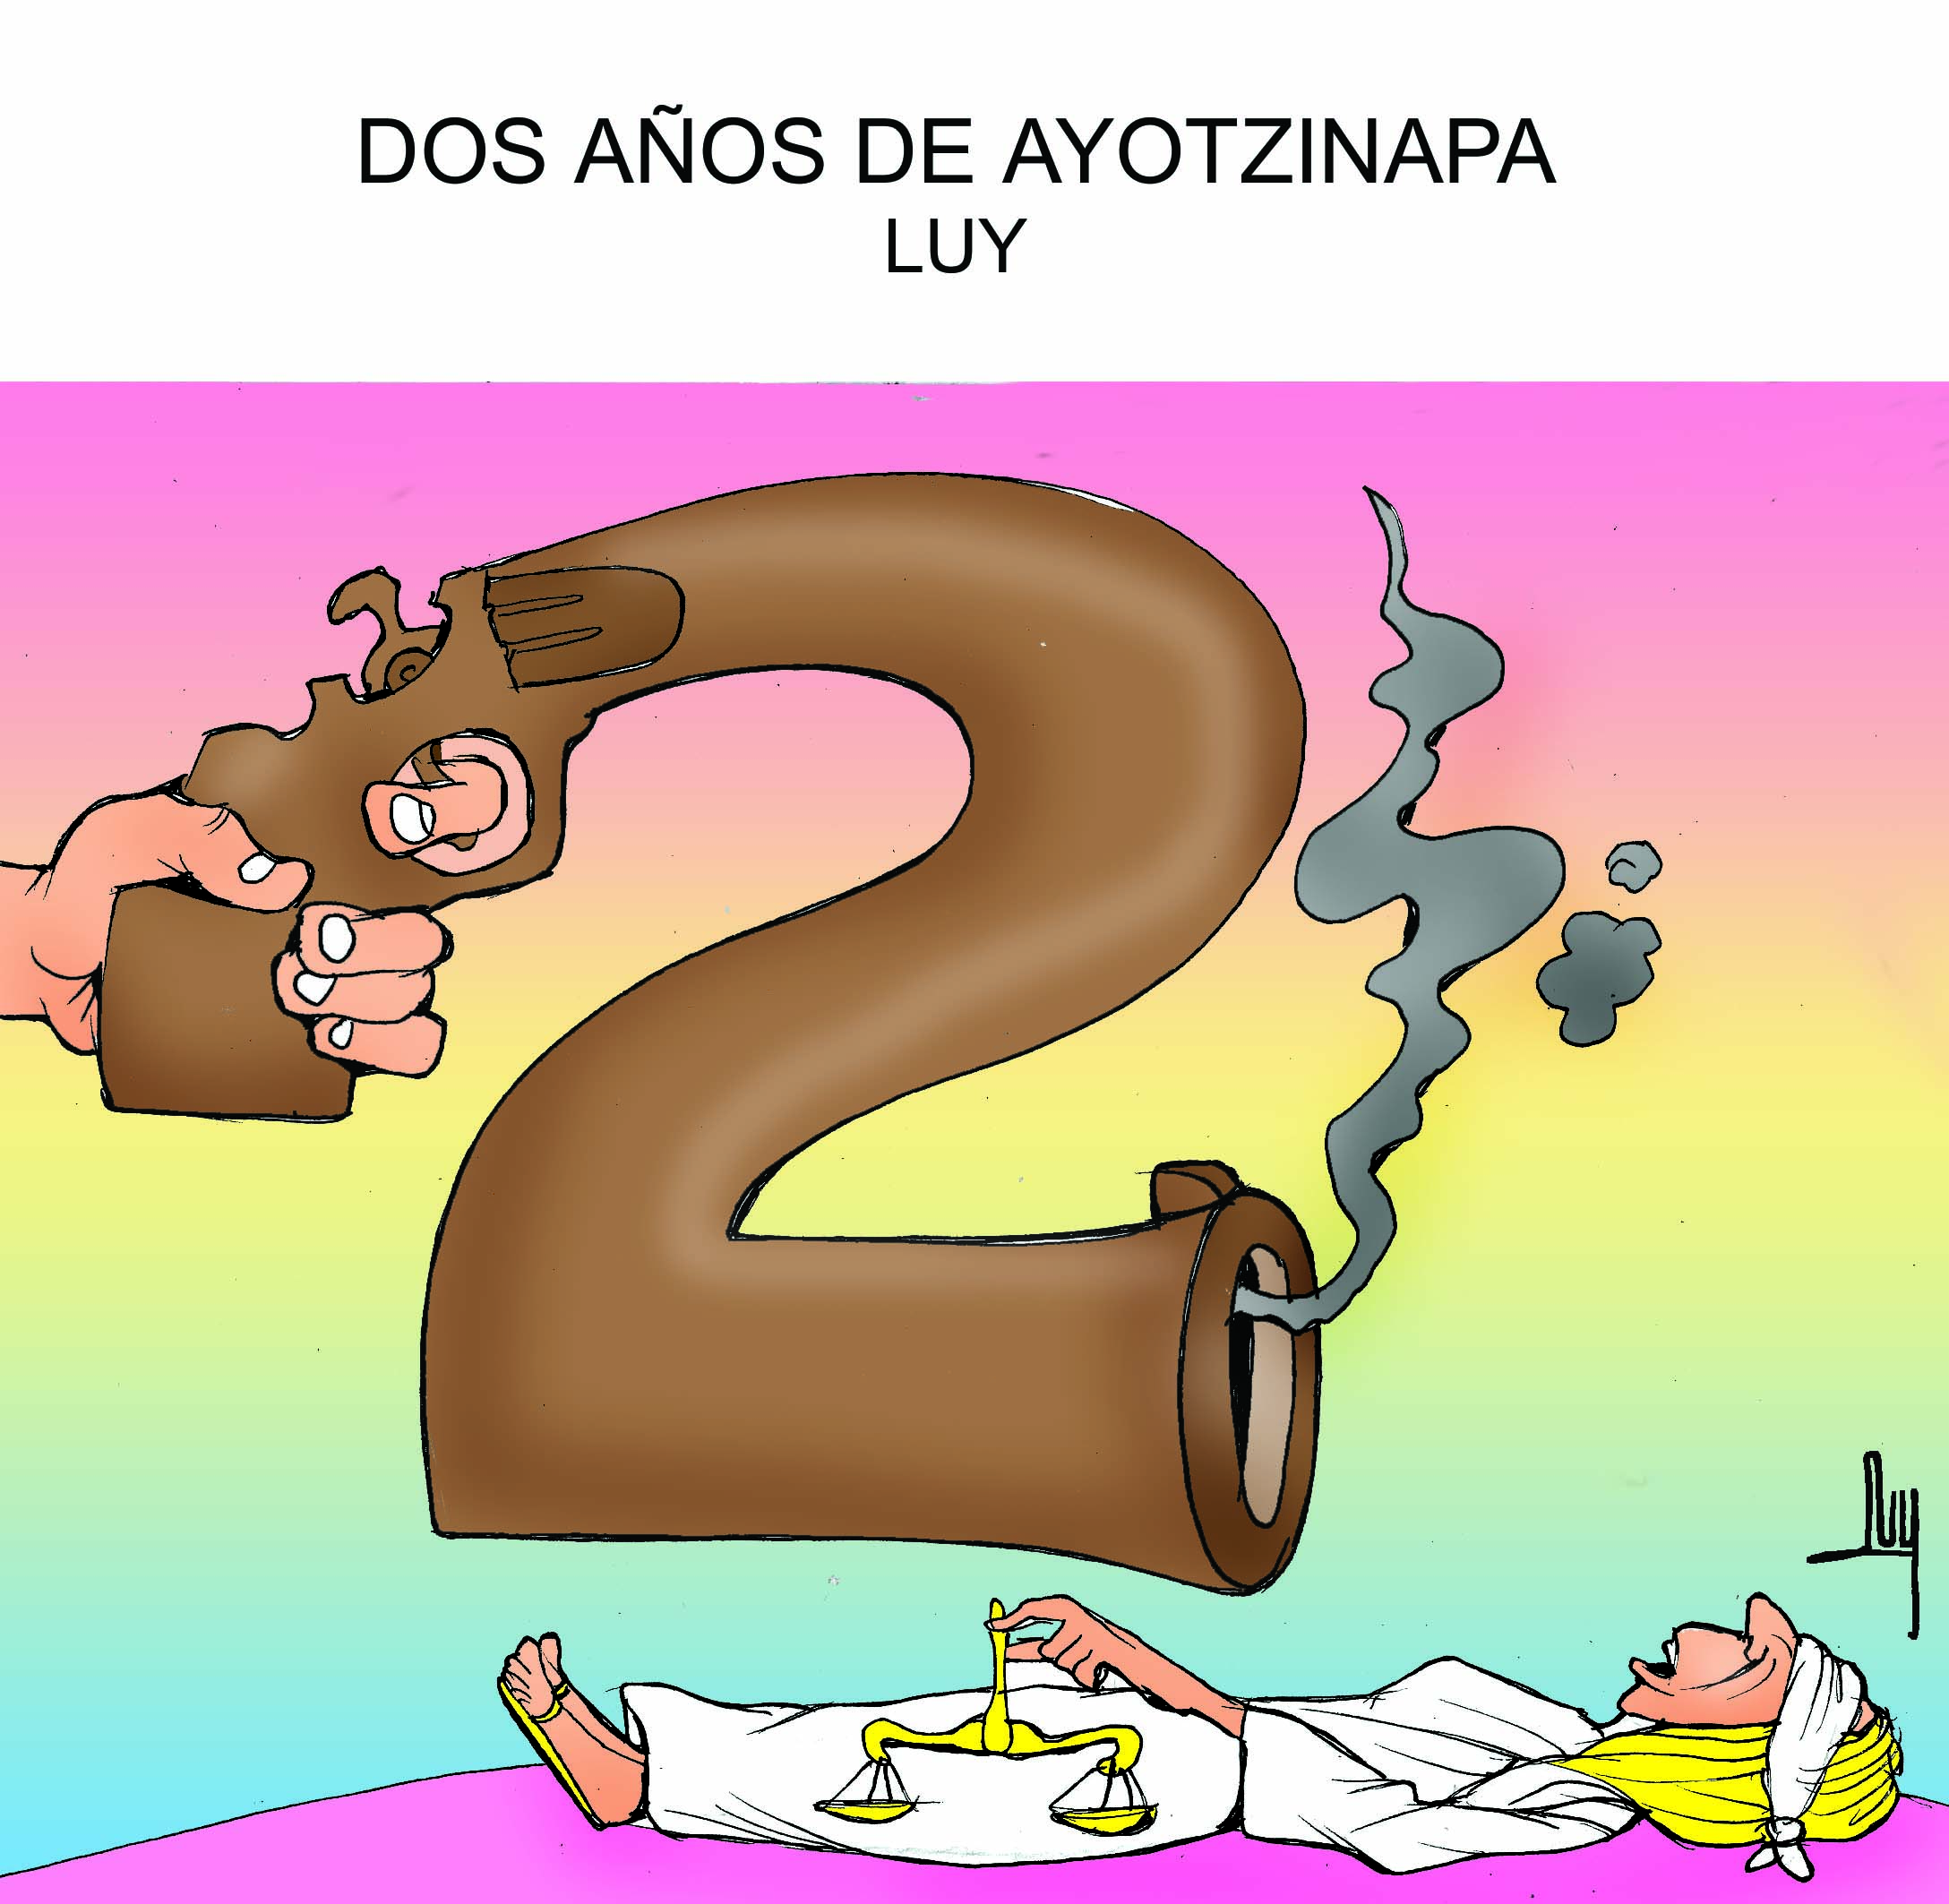 ayotzinapa-2